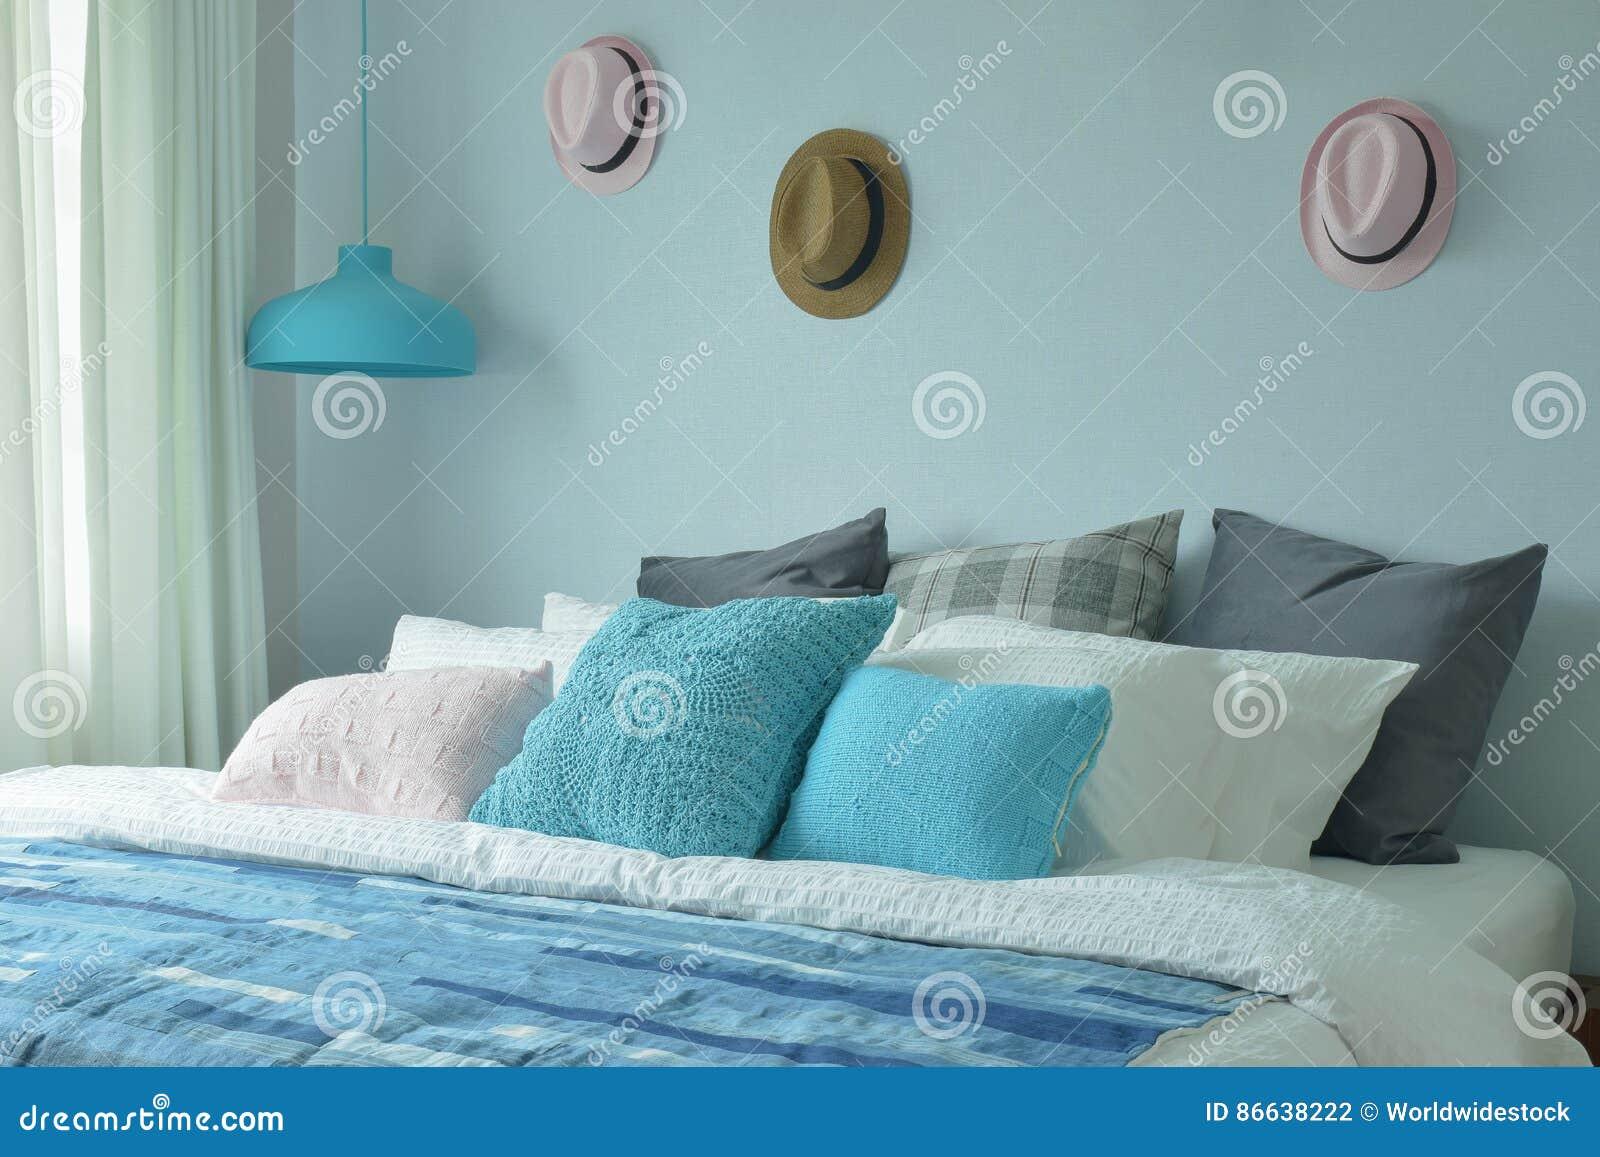 Letto Blu Colore Parete : Camera da letto blu dell adolescente di combinazioni colori con i